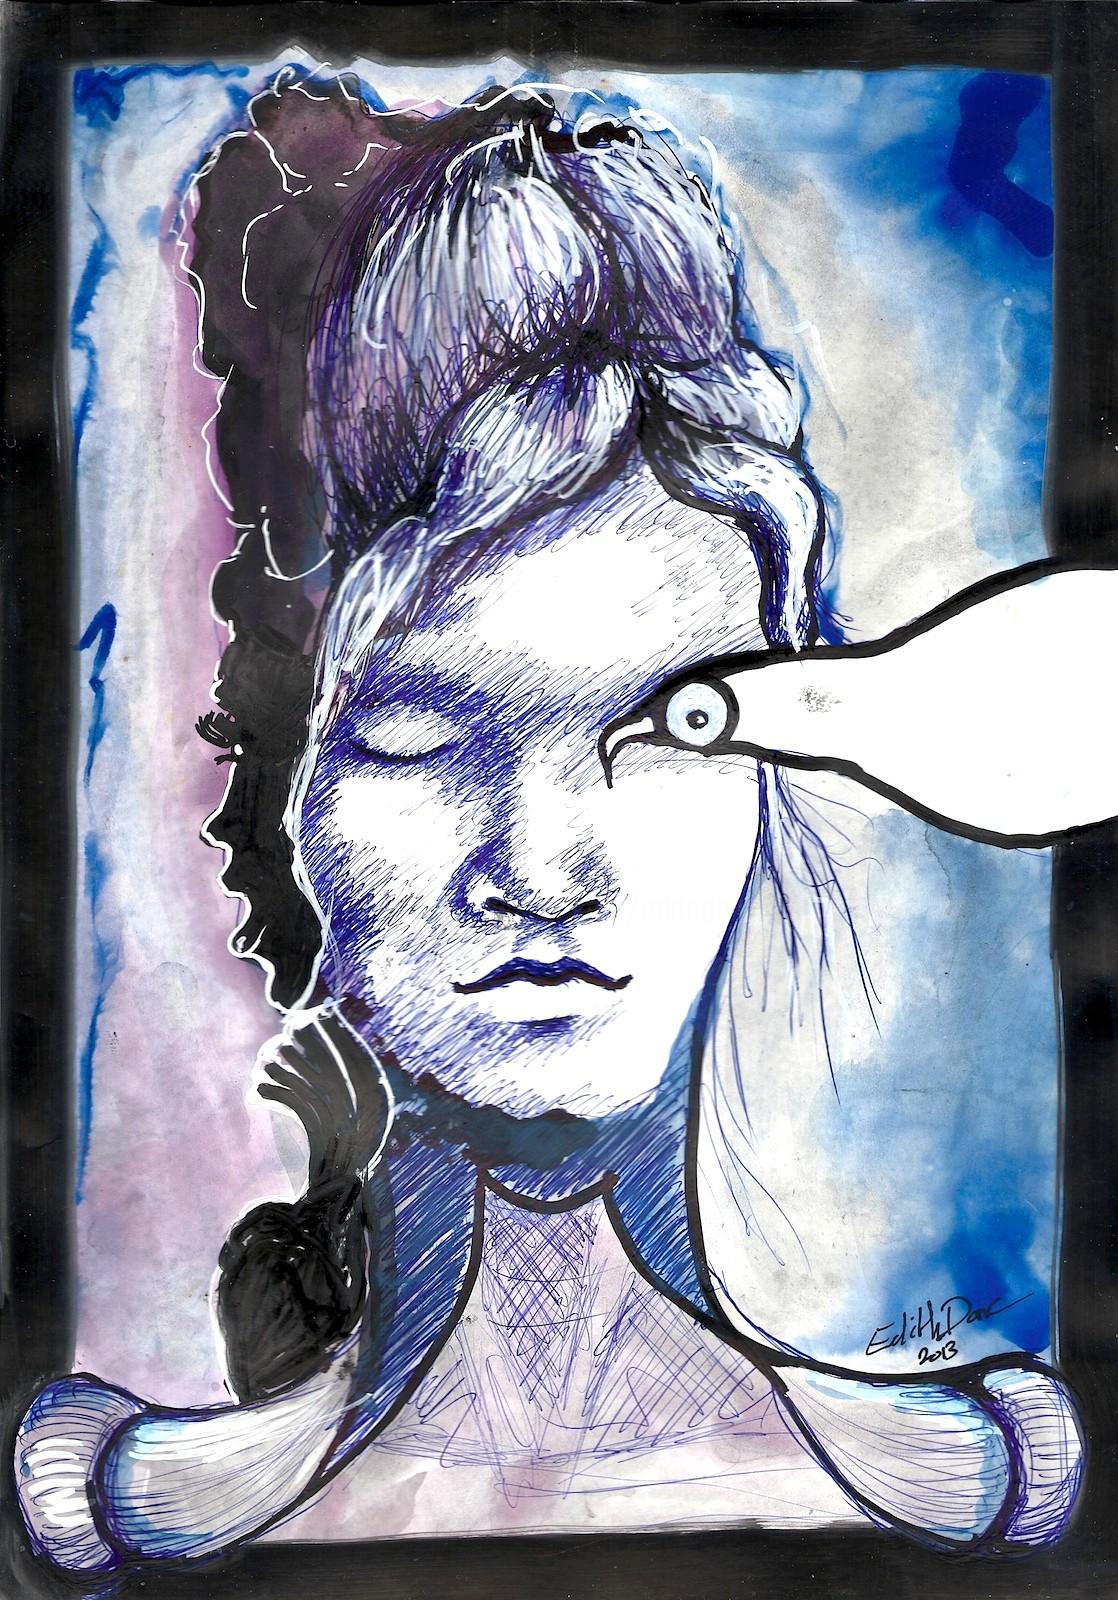 Edith Donc - Comme un oiseau